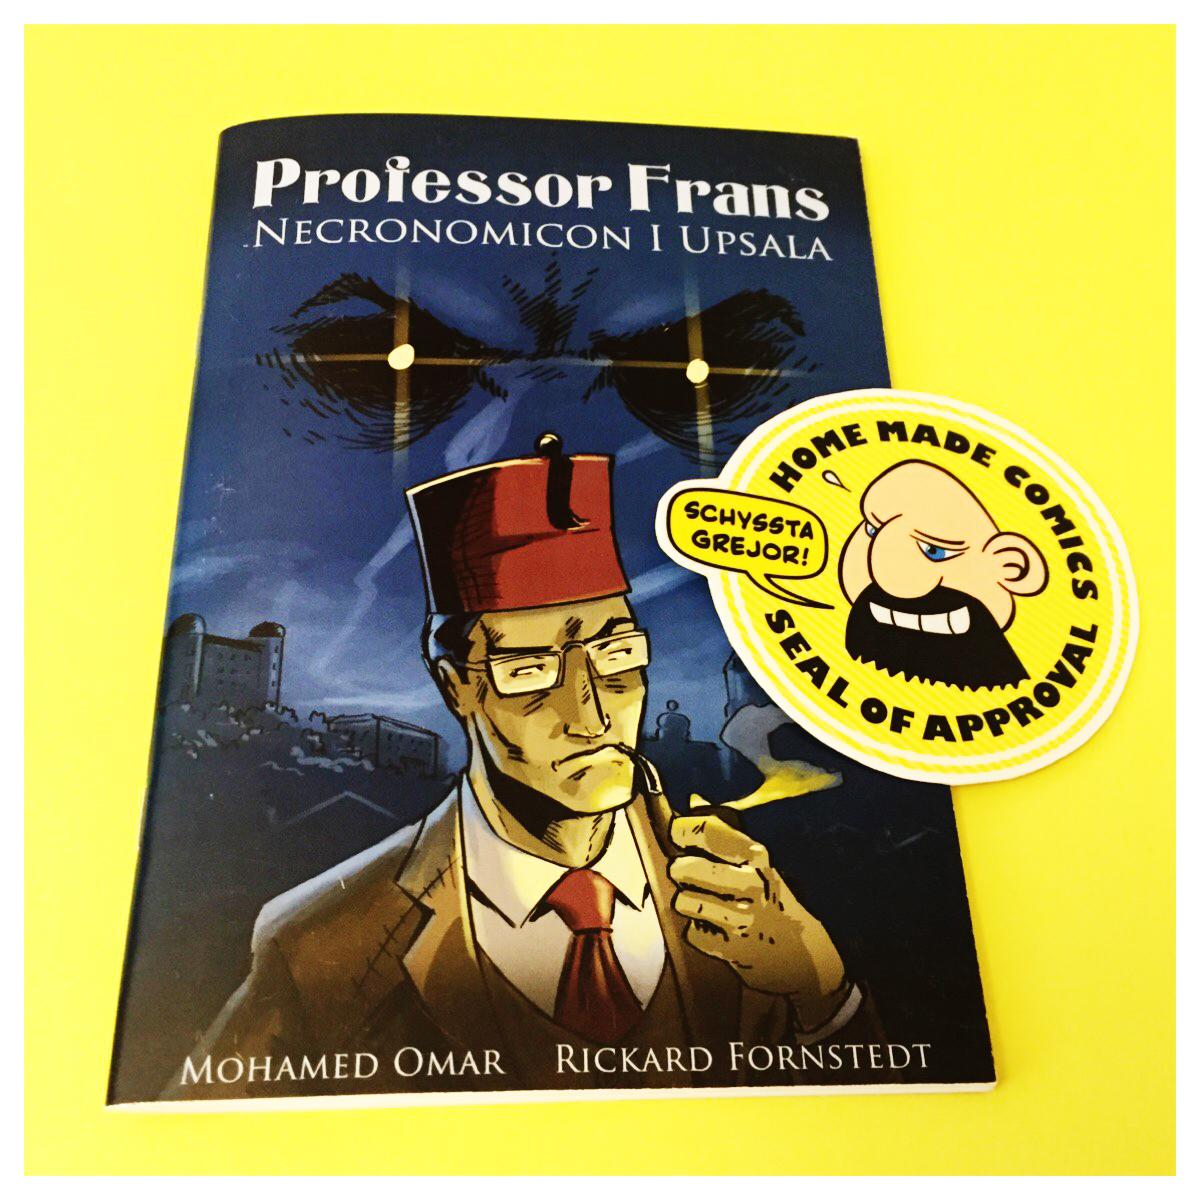 Home Made Comics Seal of Approval #197. Professor Frans Necronomicon i Upsala av Mohammed Omar och Rickard Fornstedt utgiven av Aguéli förlag 2015.